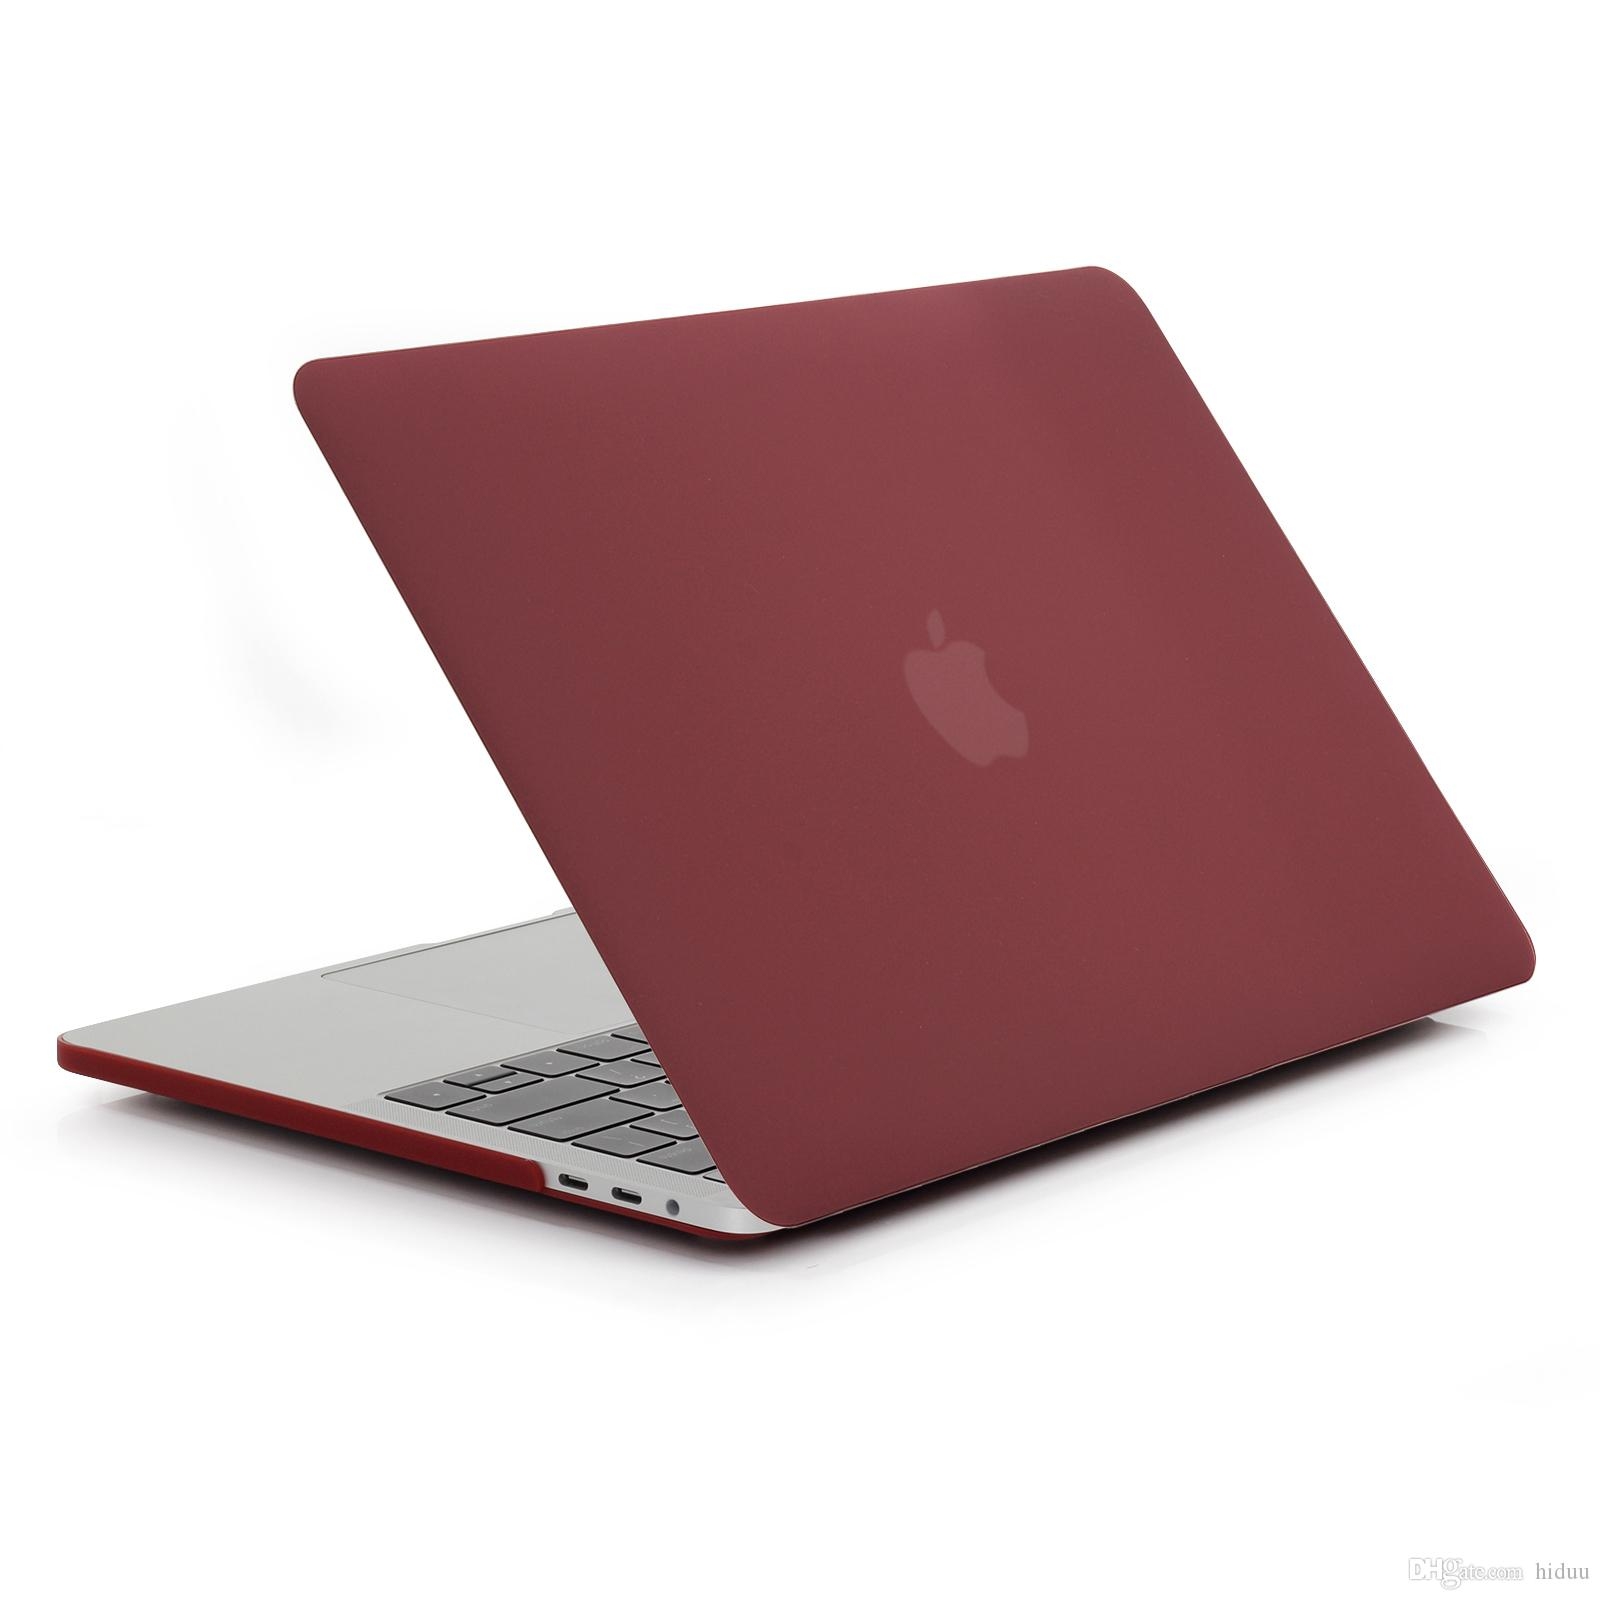 Custodia rigida in plastica morbida con rivestimento in gomma opaca MacBook Pro da 15 pollici NUOVA VERSIONE - Edizione ottobre 2016 A1707 con cover tastiera